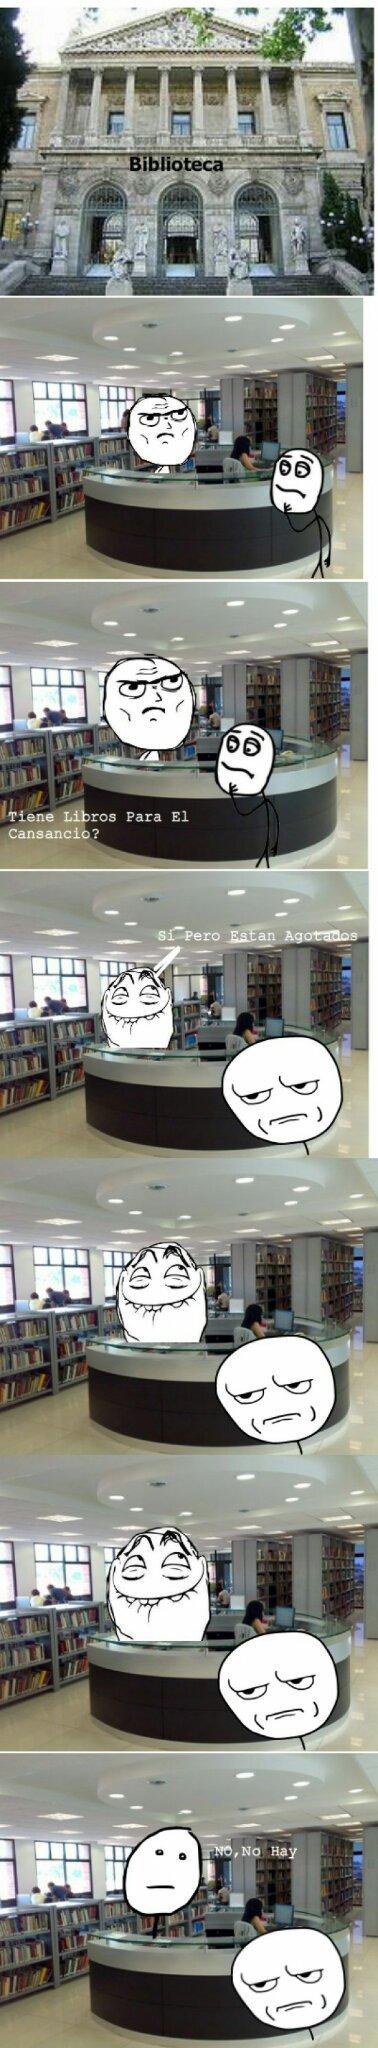 Los bibliotecarios y sus bromas - meme